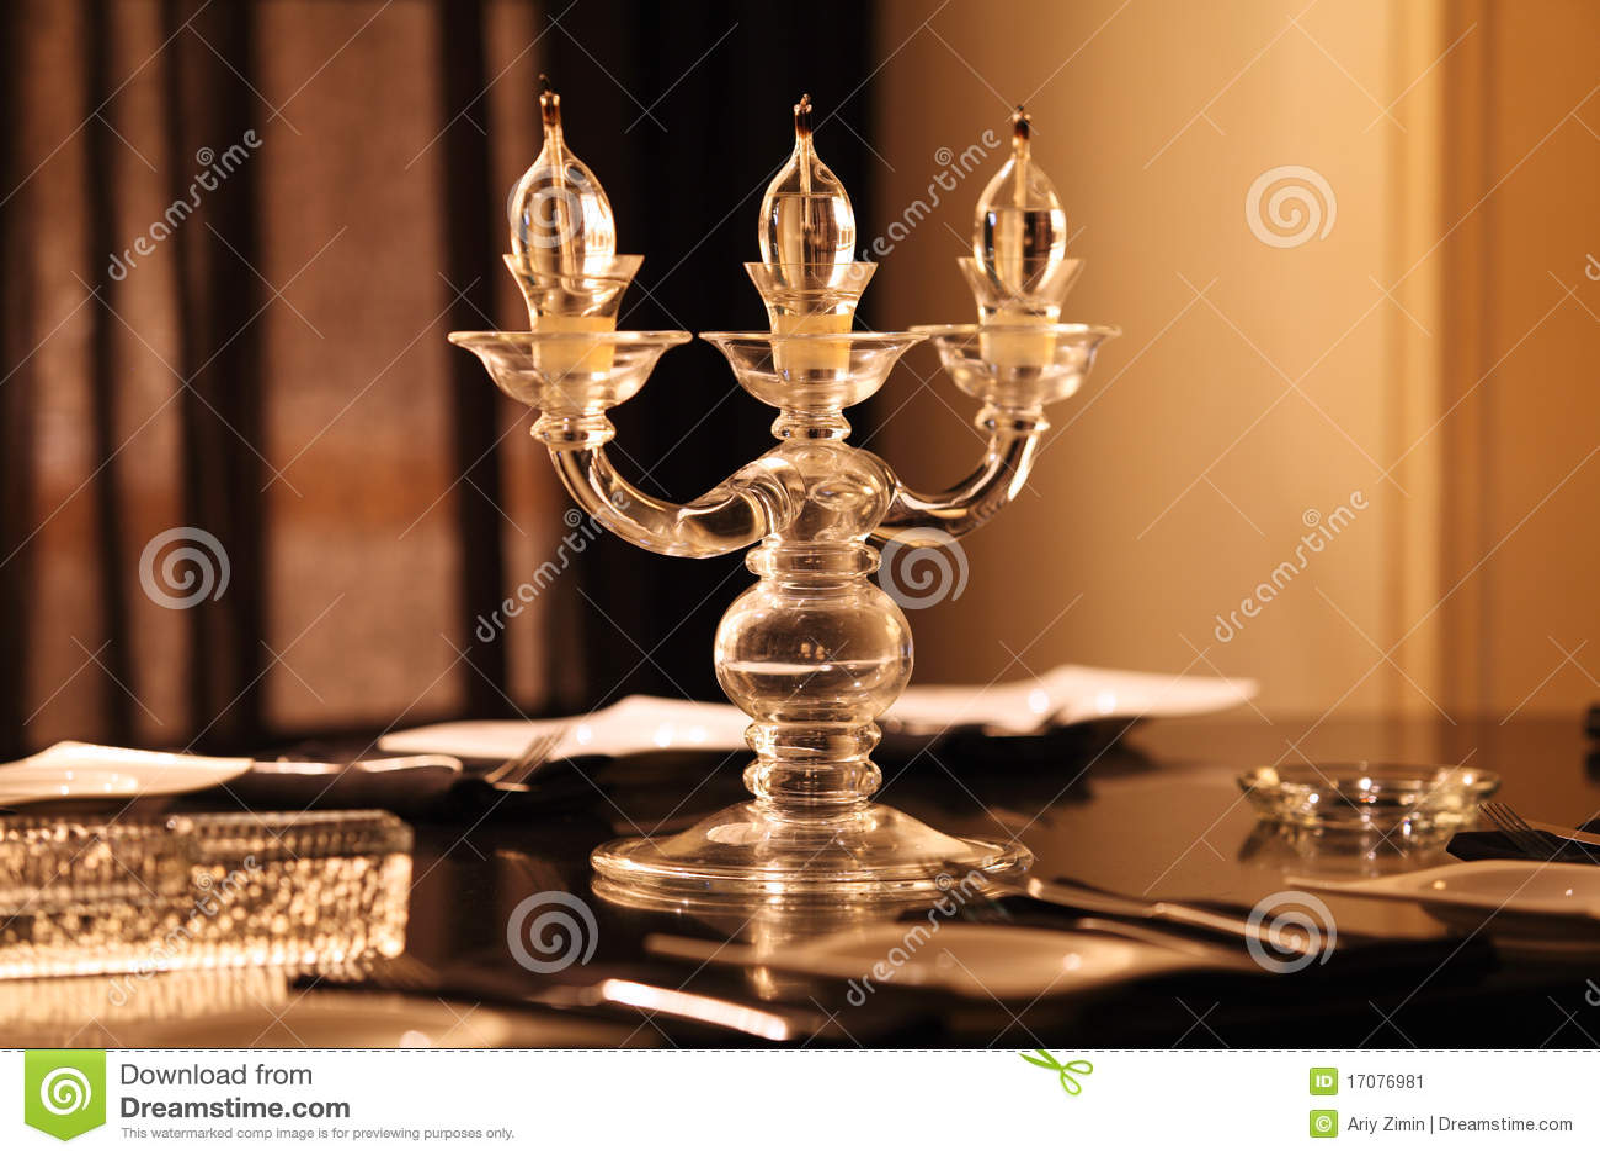 свечка освещает таблицу